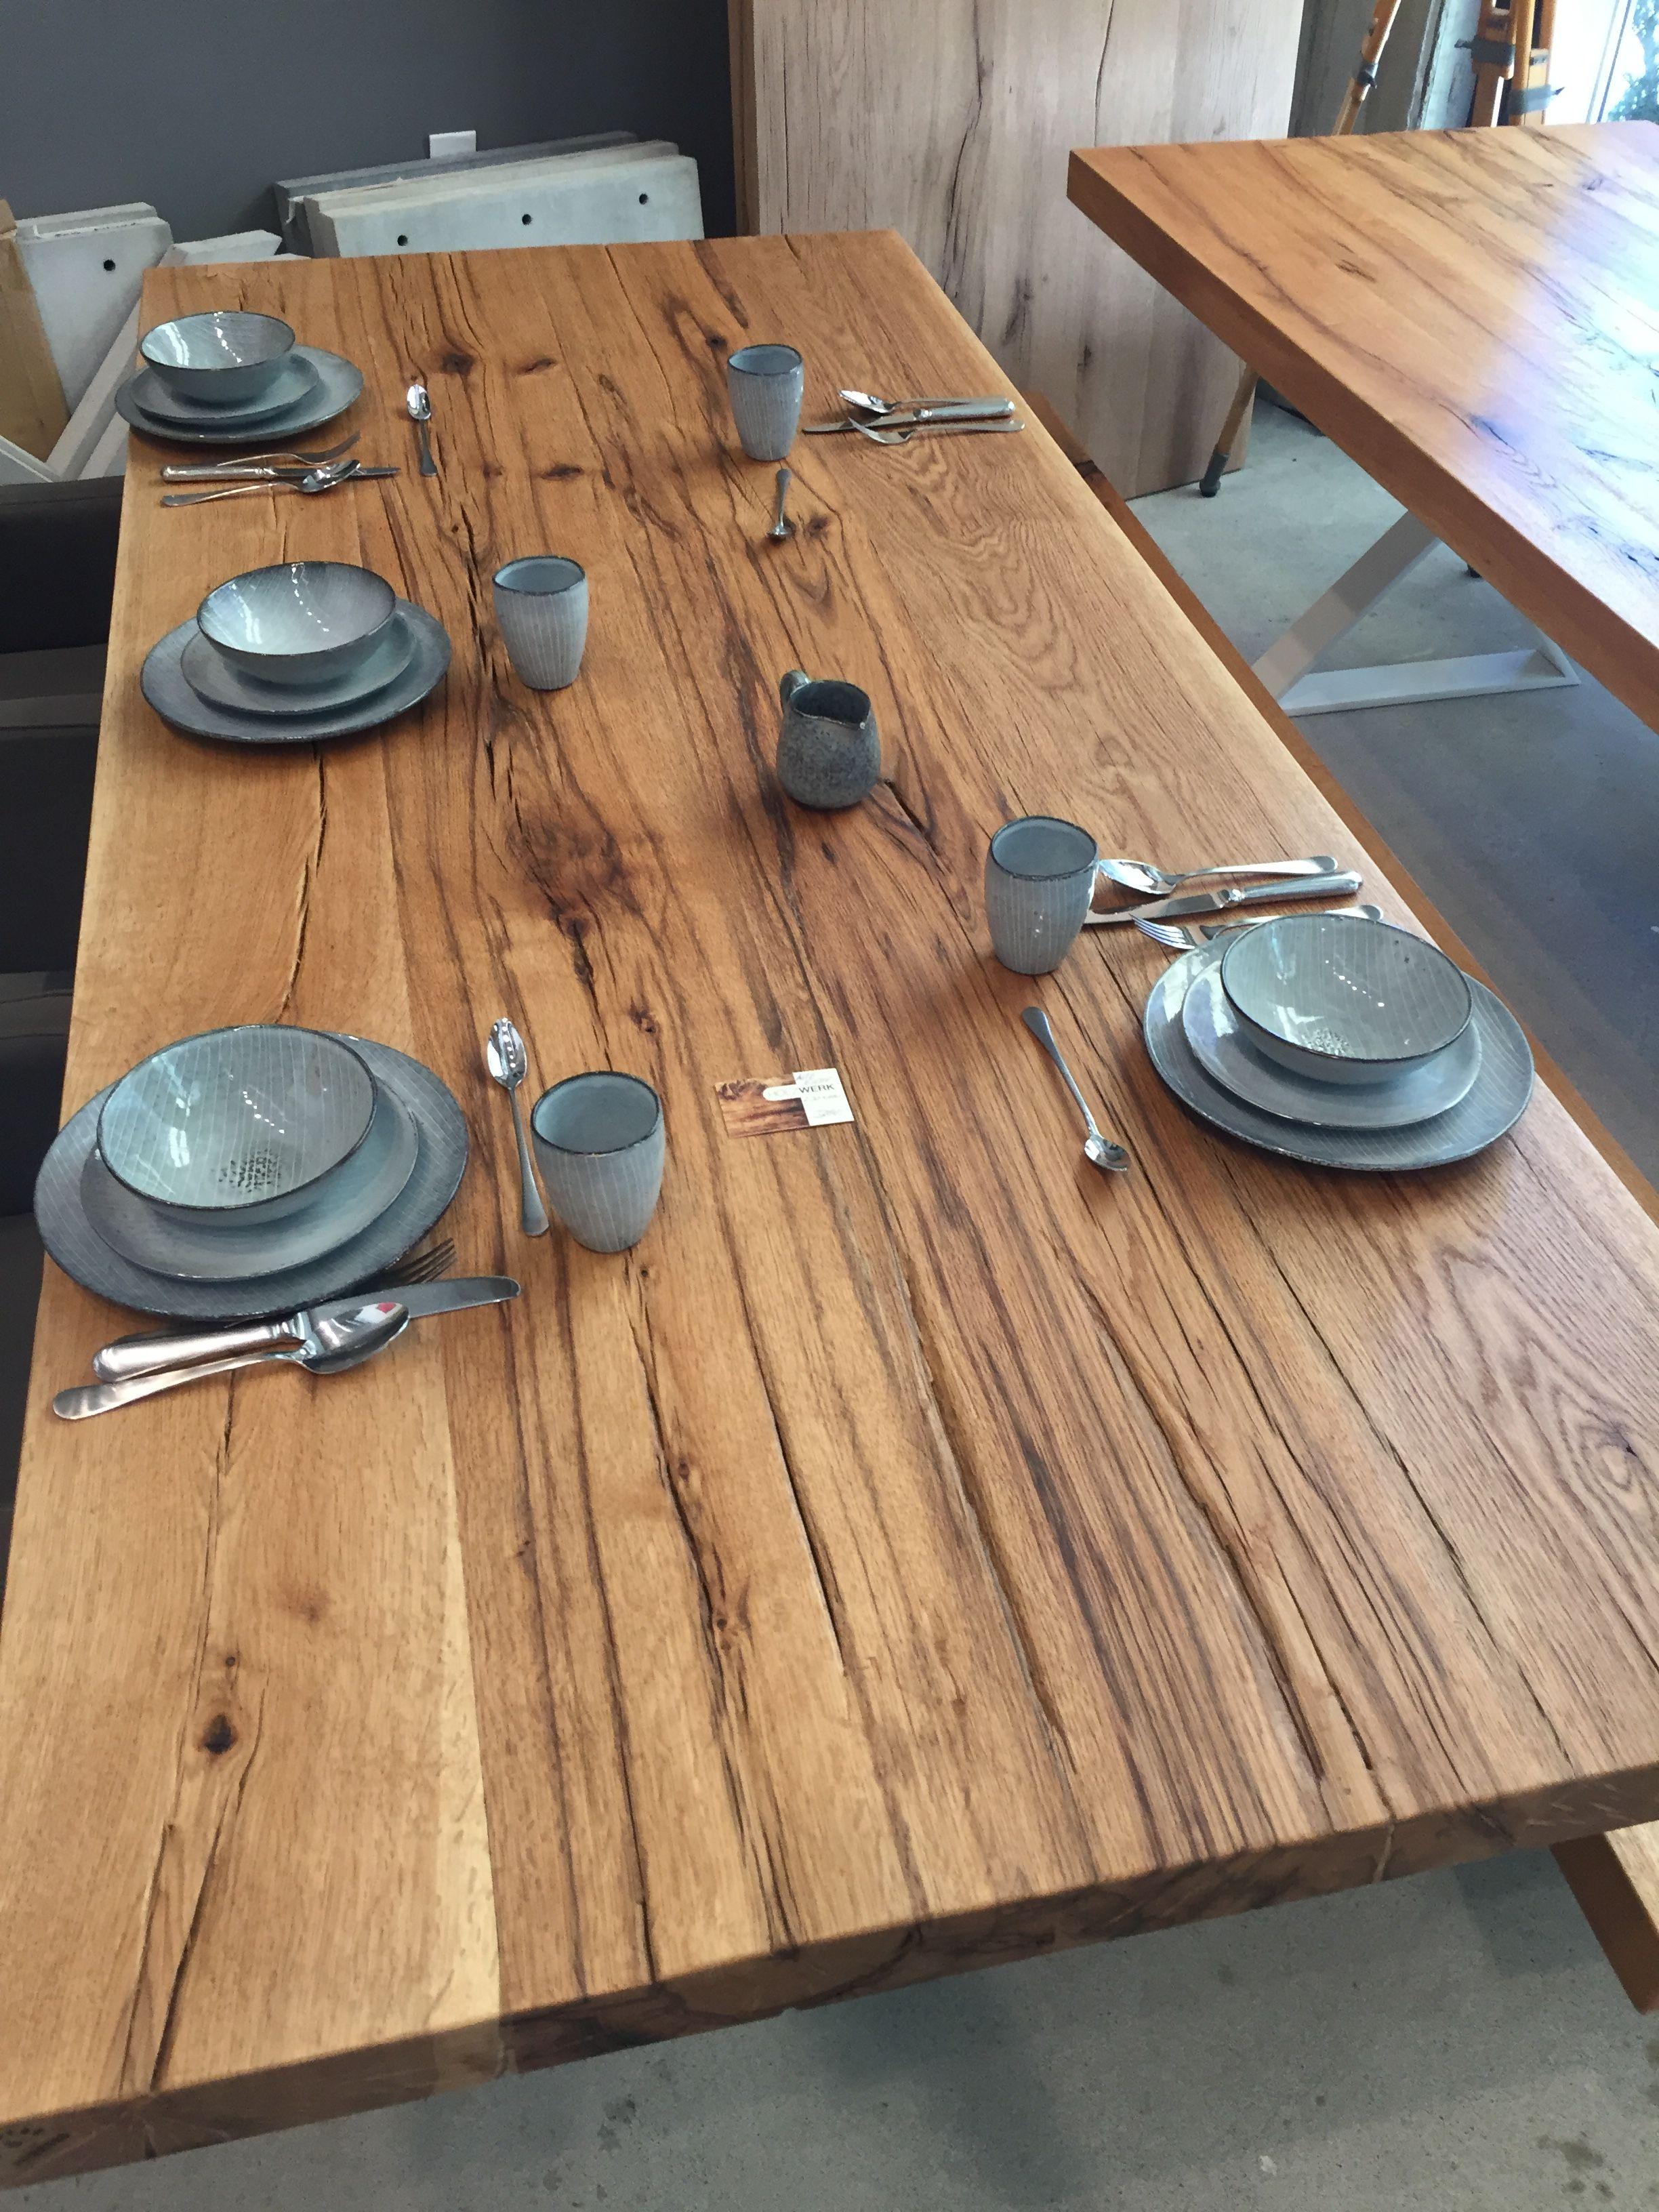 esstisch massivholztisch dinningtable table tisch holztisch eichentisch altholz. Black Bedroom Furniture Sets. Home Design Ideas